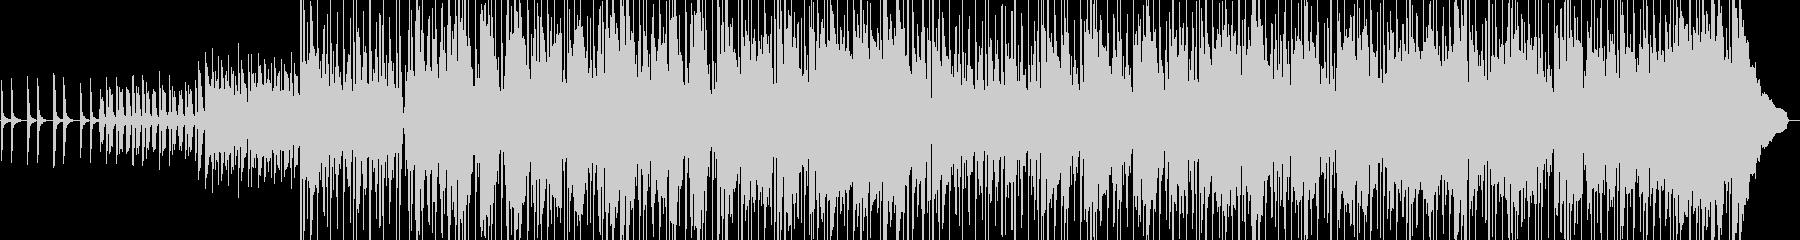 現代的なジャズファンクトラック。ラ...の未再生の波形